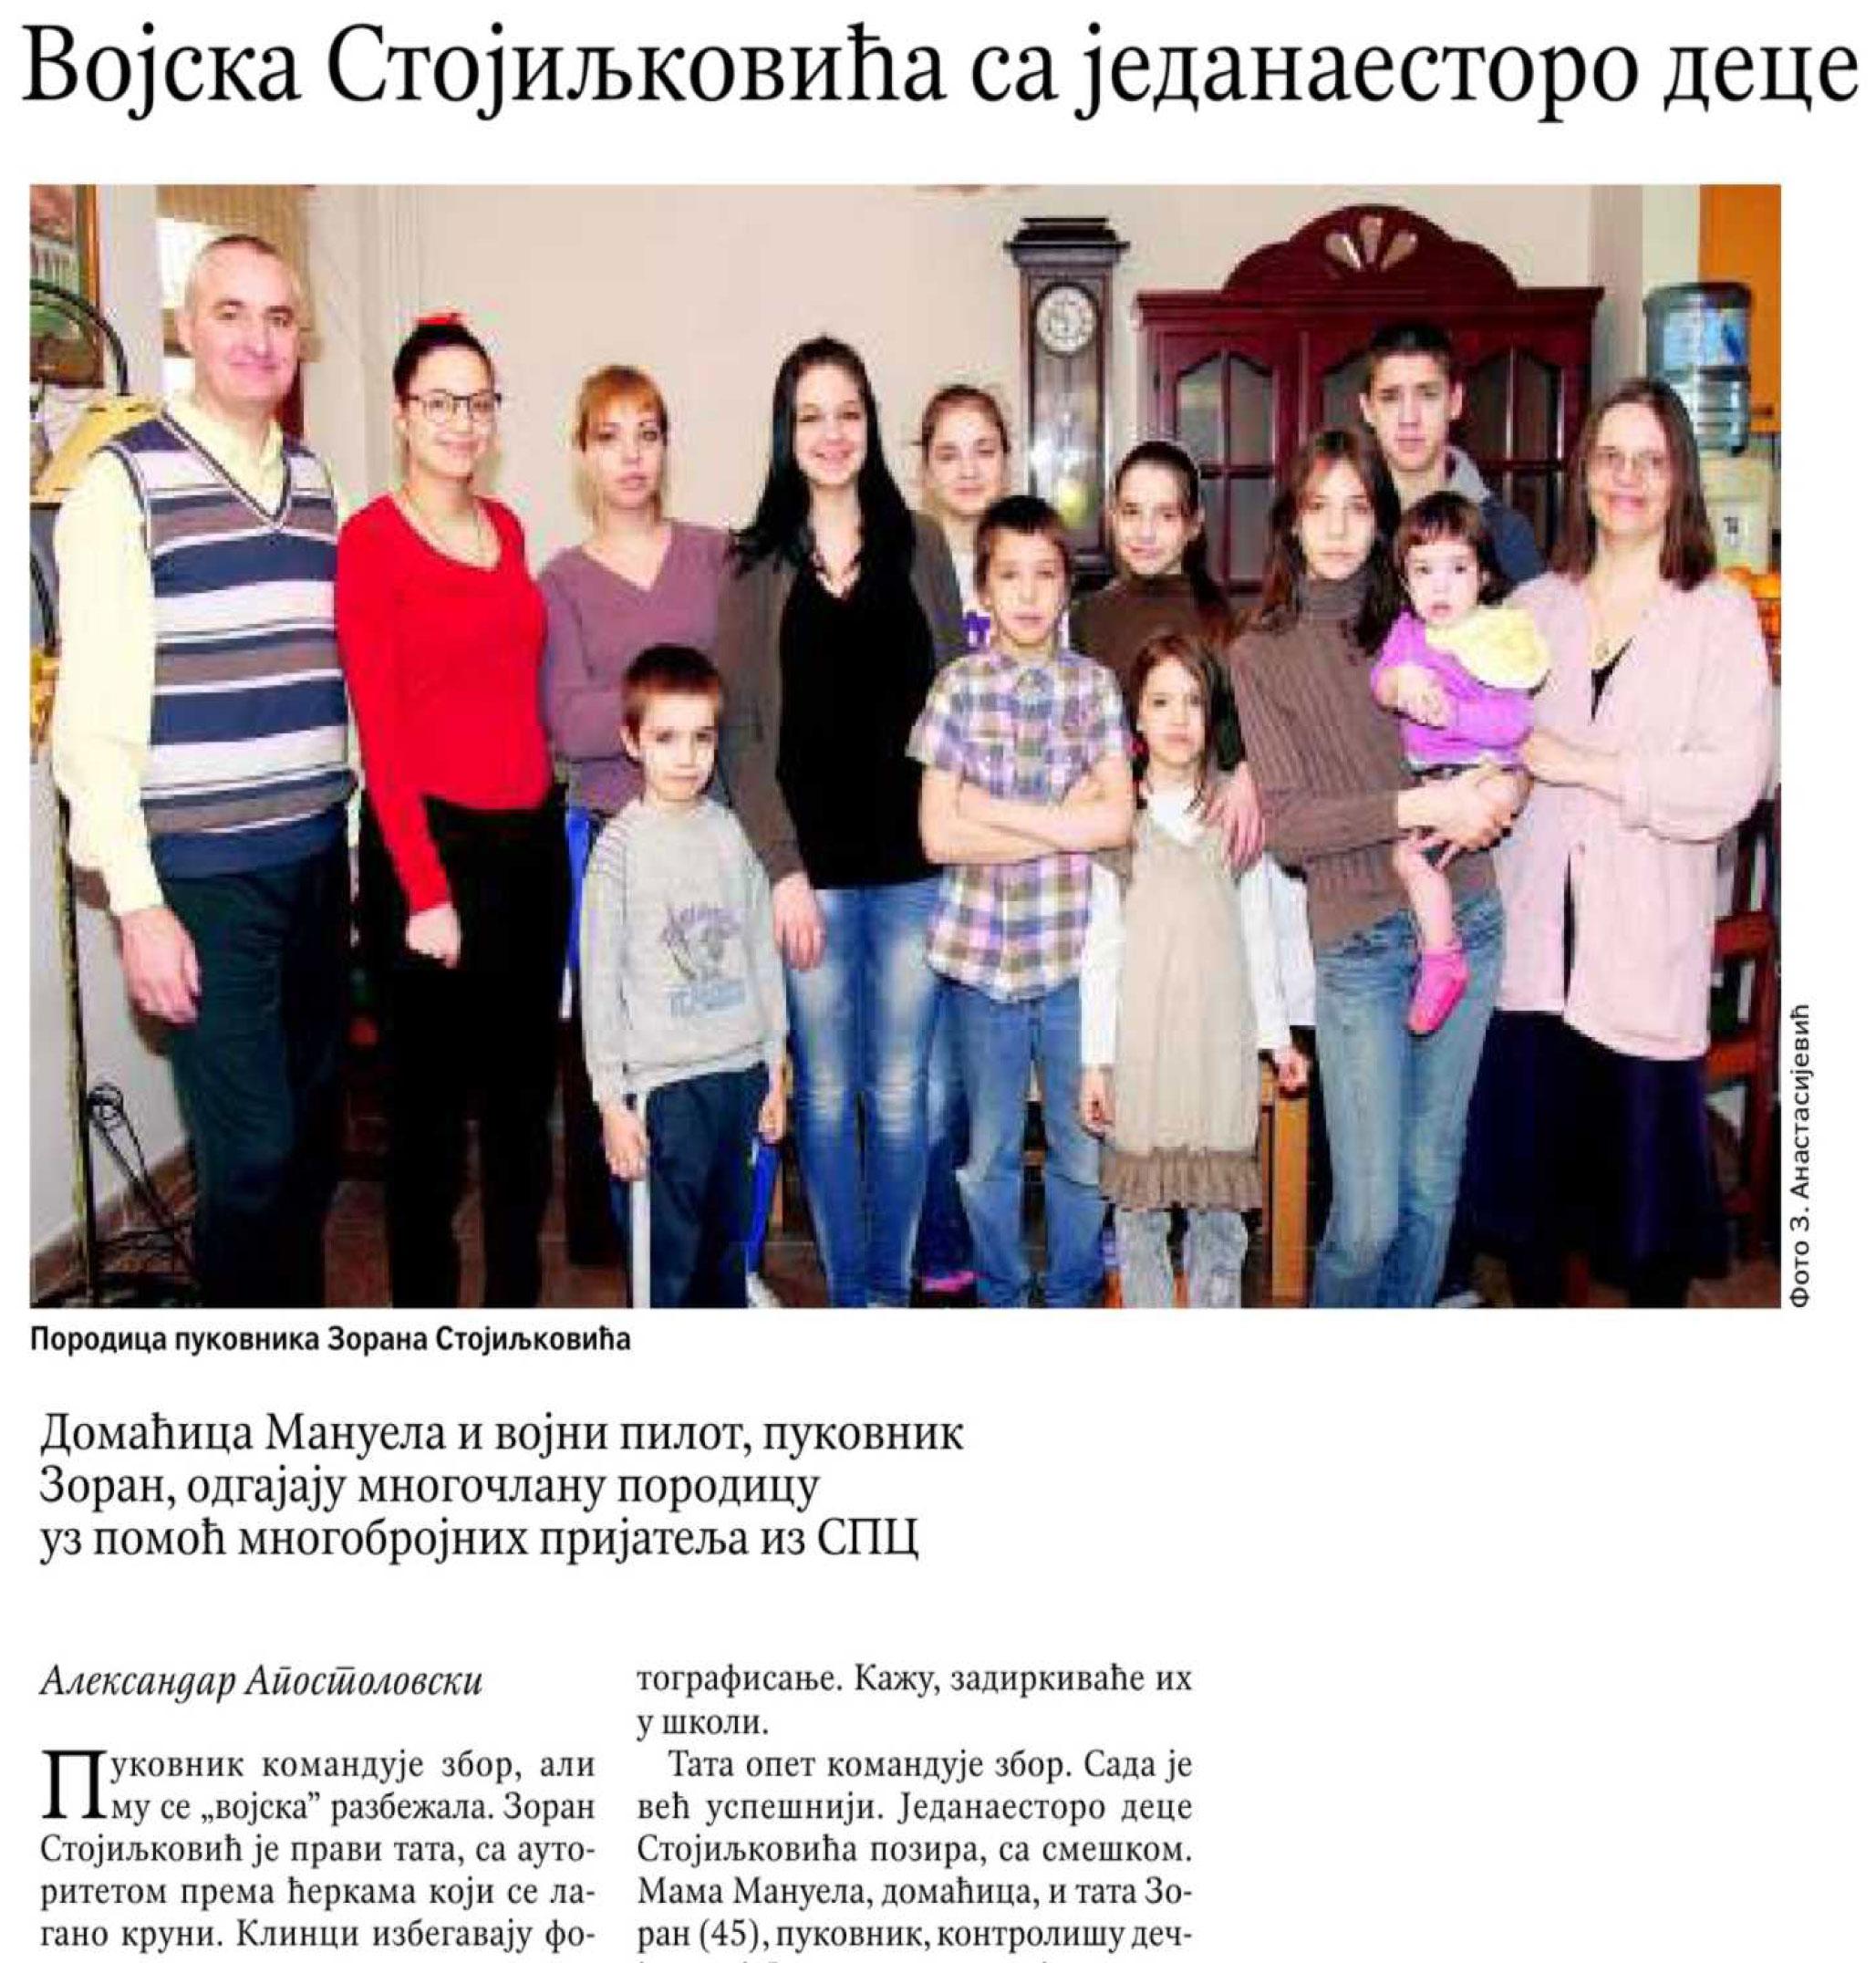 Војска Стојиљковића са једанаесторо деце